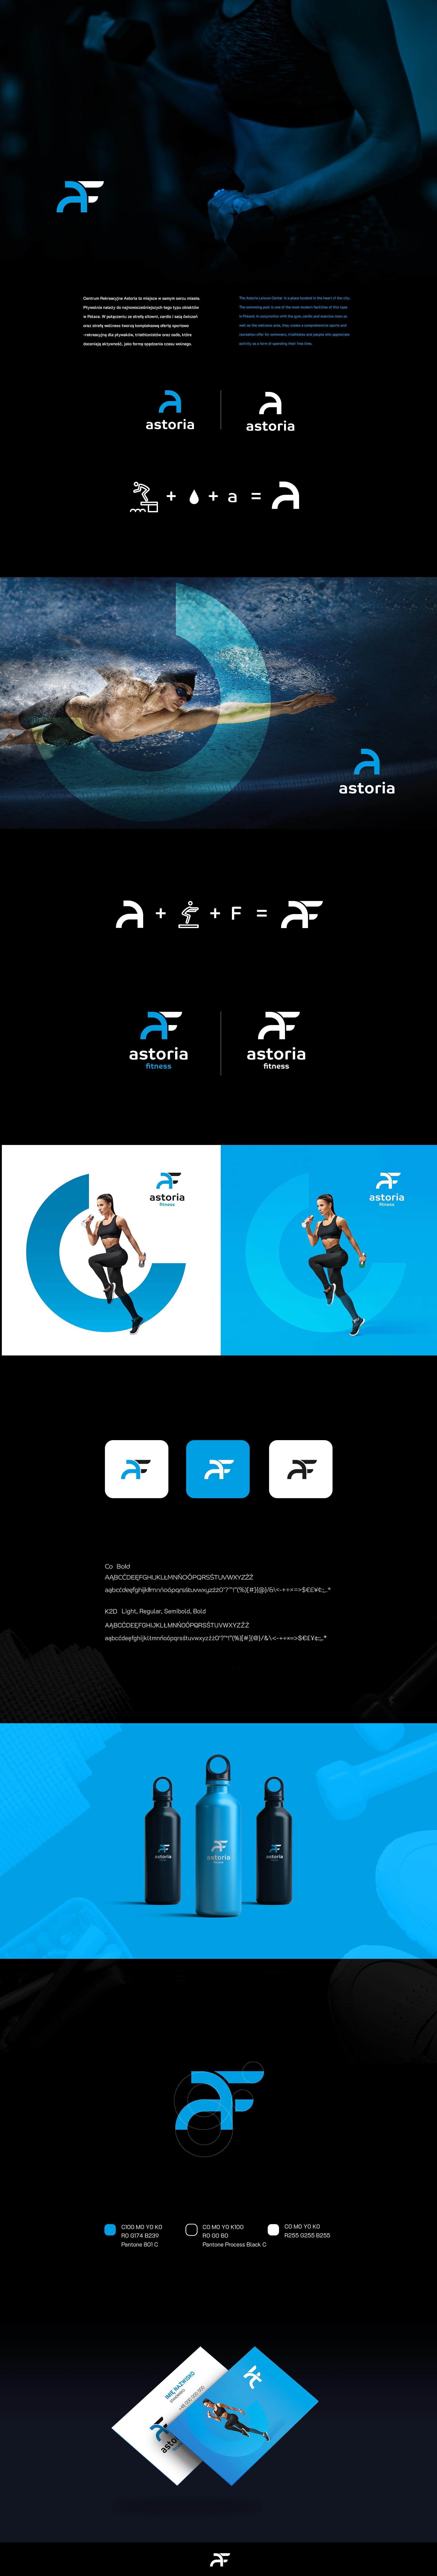 Przedstawienie procesu tworzenia logo Astoria Fitness i jego wykorzystania na różnych gadżetach reklamowych